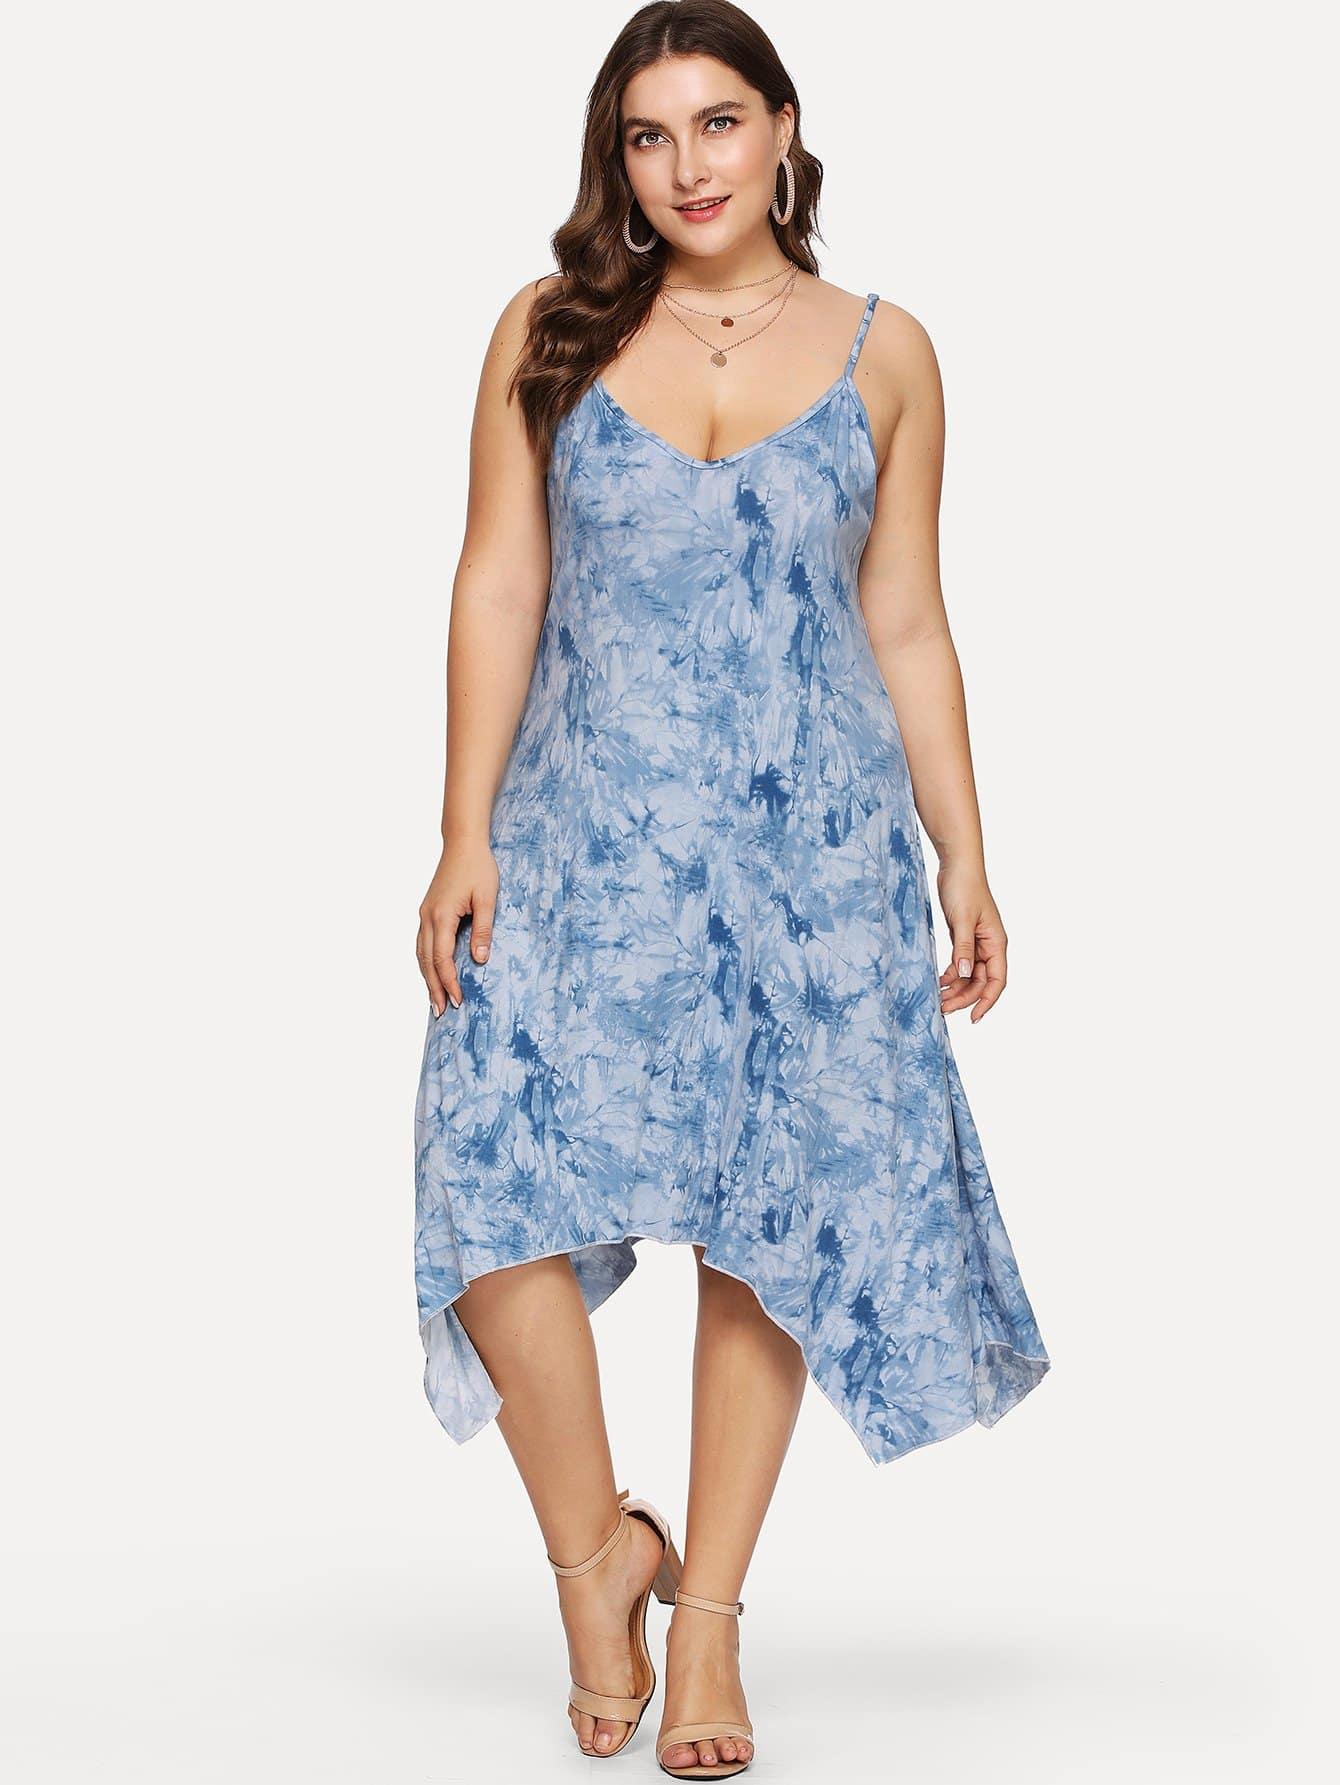 Plus Tie Dye Asymmetrical Hem Cami Dress rg512 g50641 203